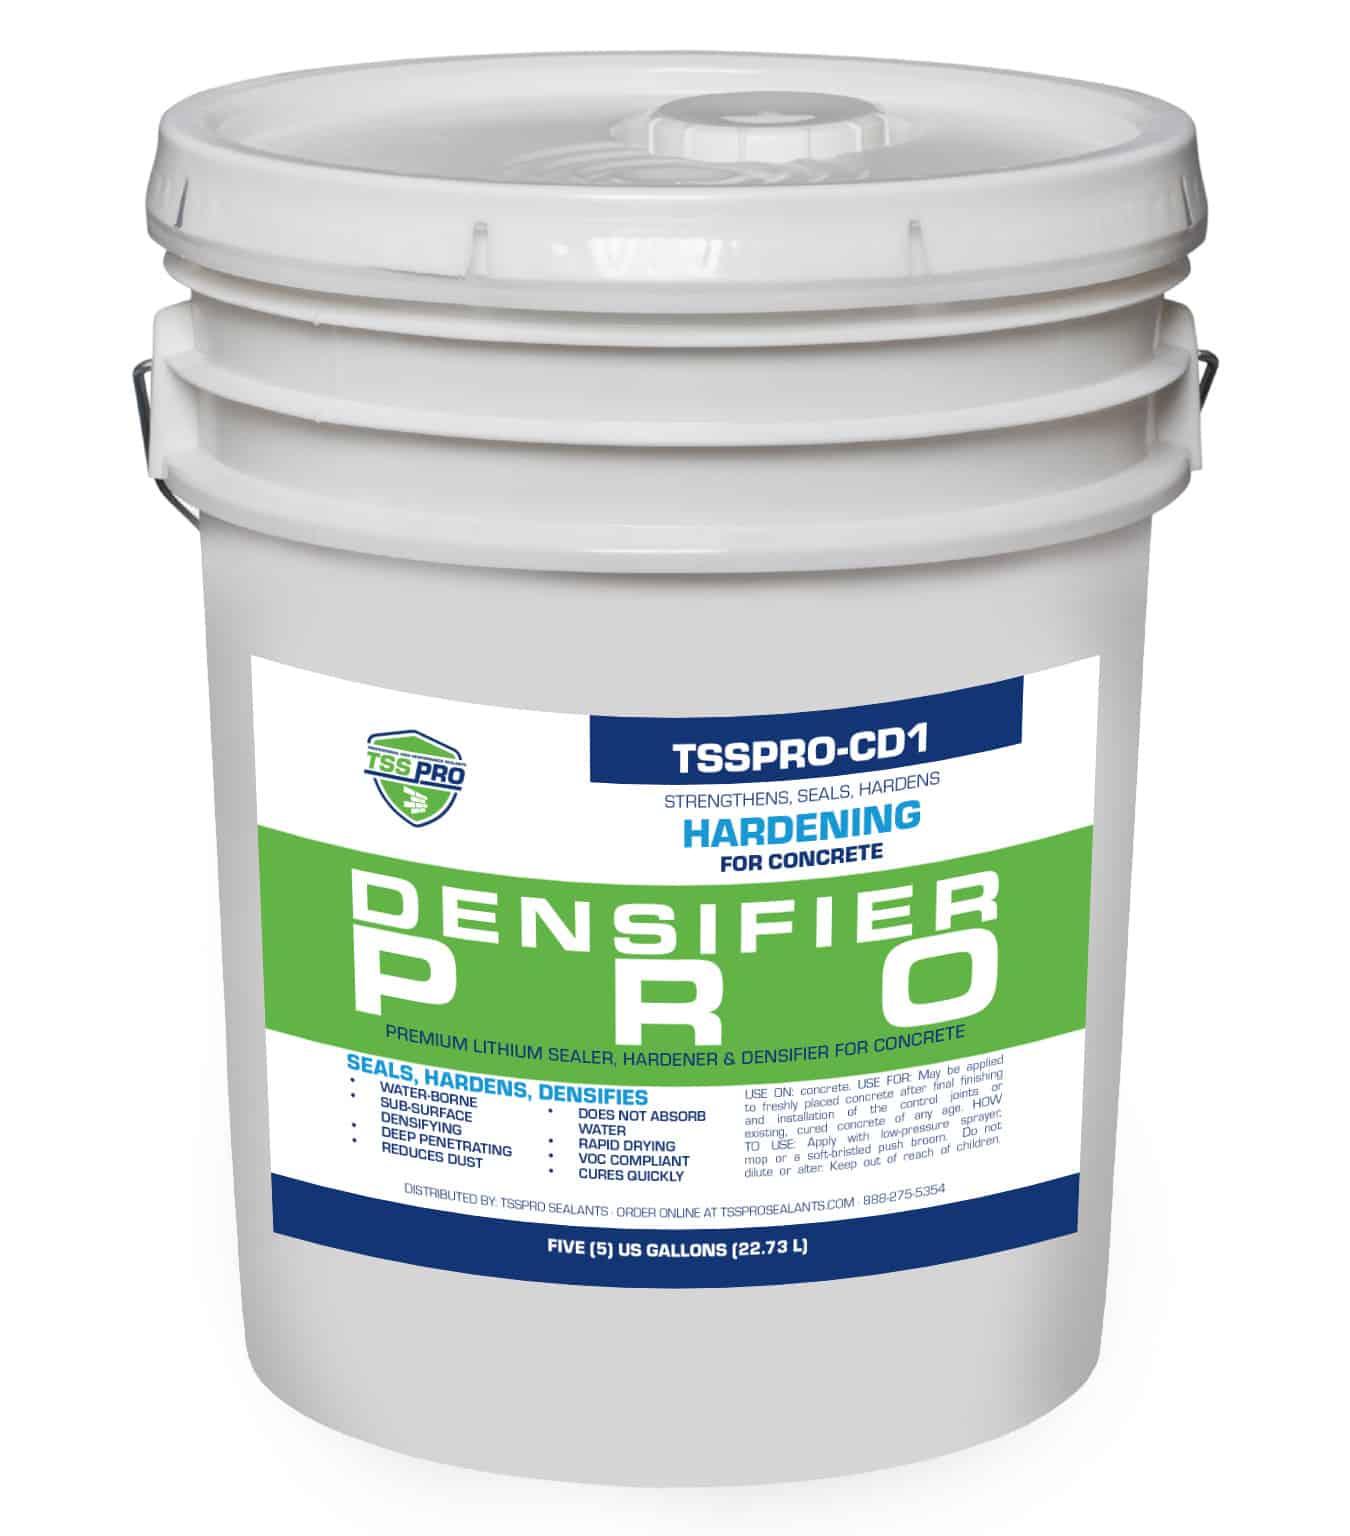 TSSPRO CD1 Concrete Sealer, Hardener, and Densifier (5